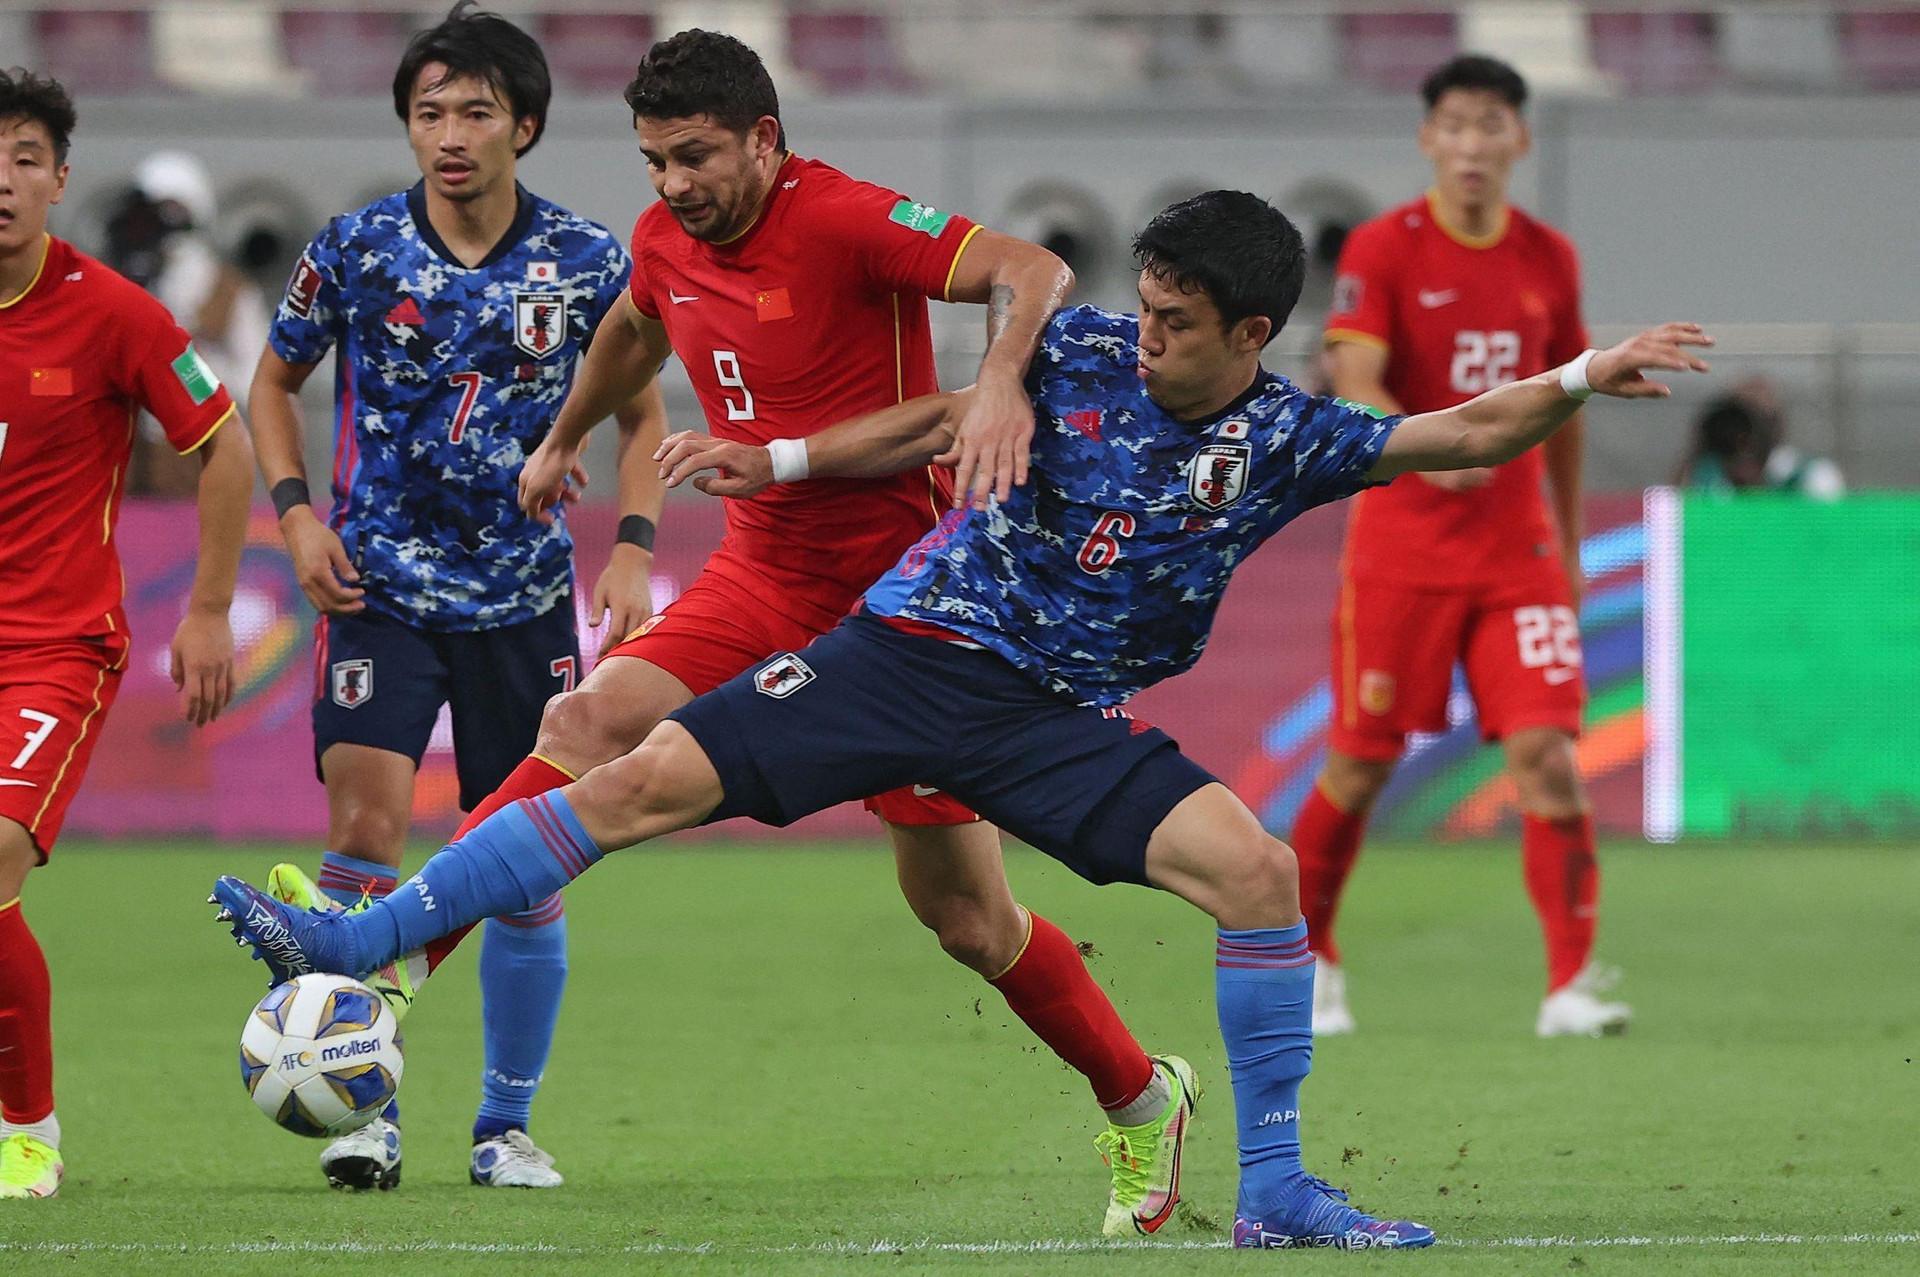 Trung Quốc chơi không chiến, tuyển Việt Nam đối phó thế nào? - 2